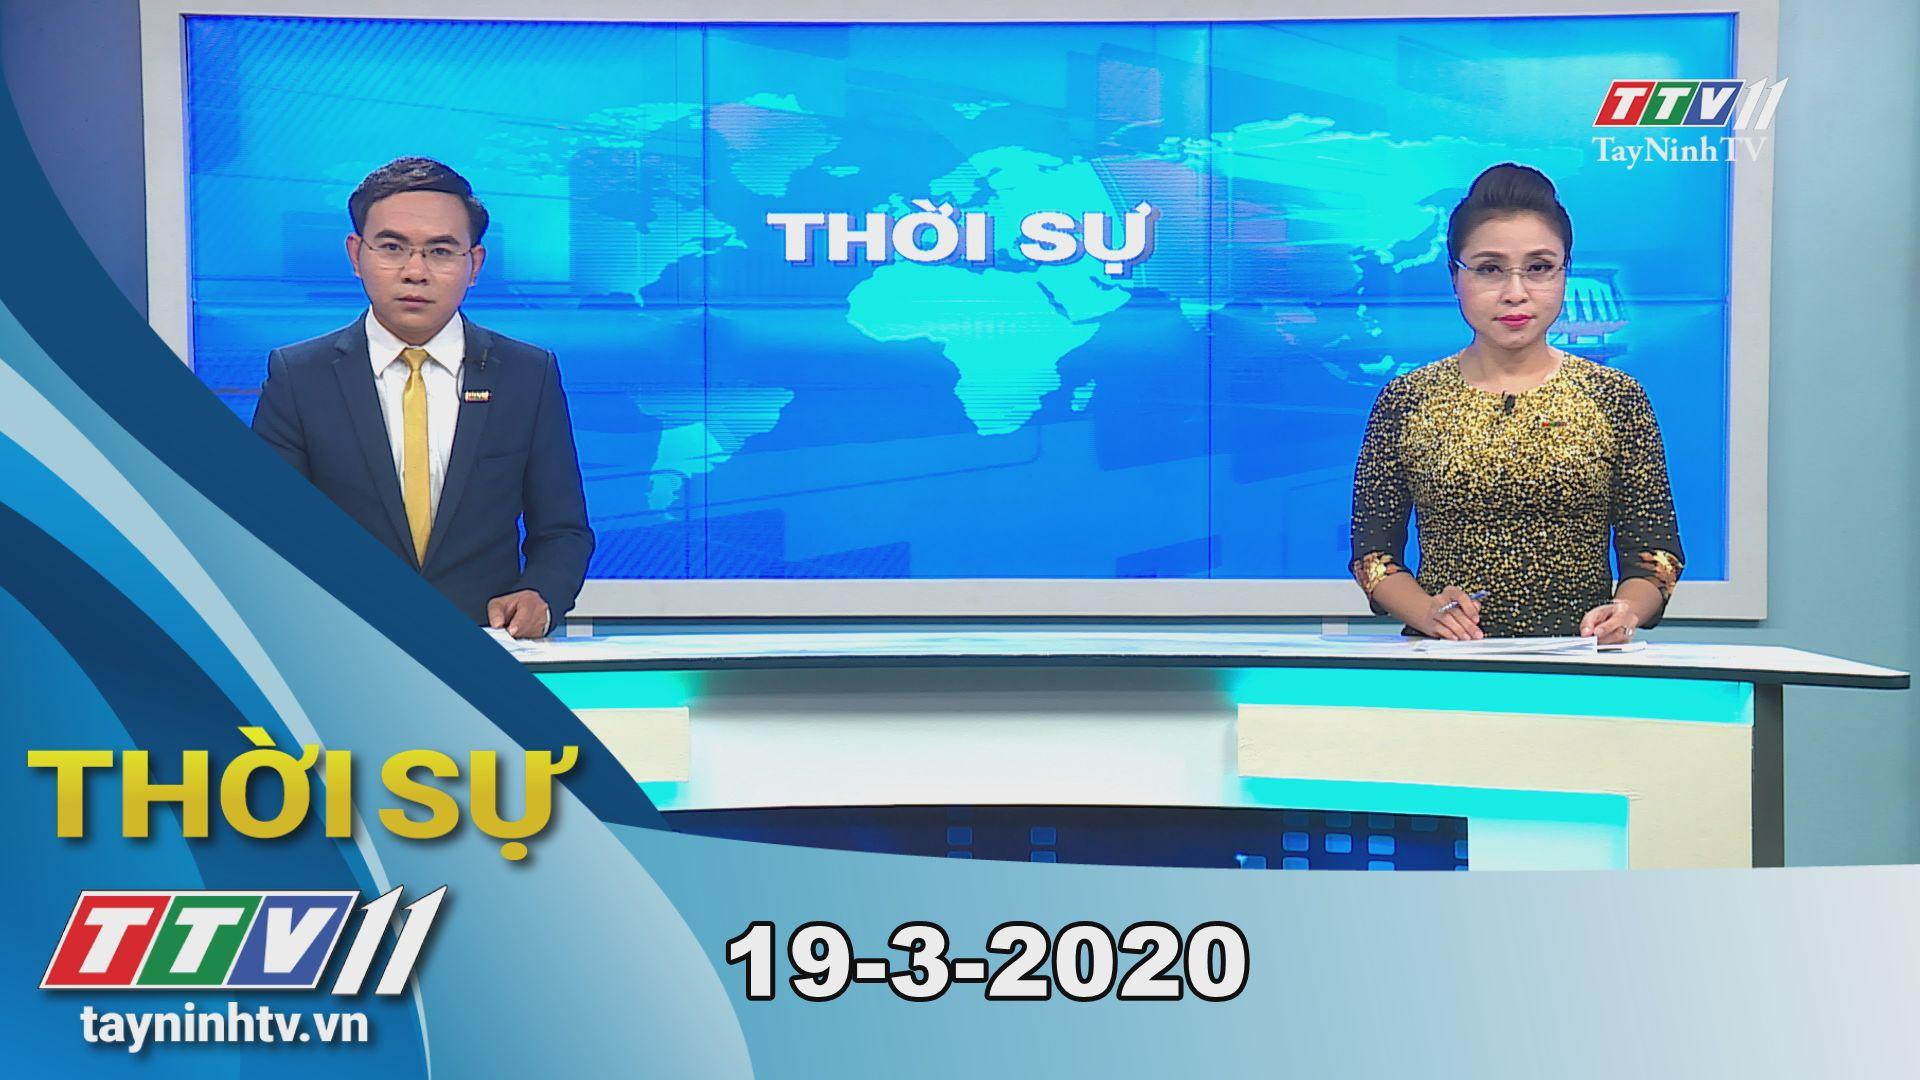 Thời sự Tây Ninh 19-3-2020 | Tin tức hôm nay | TayNinhTV